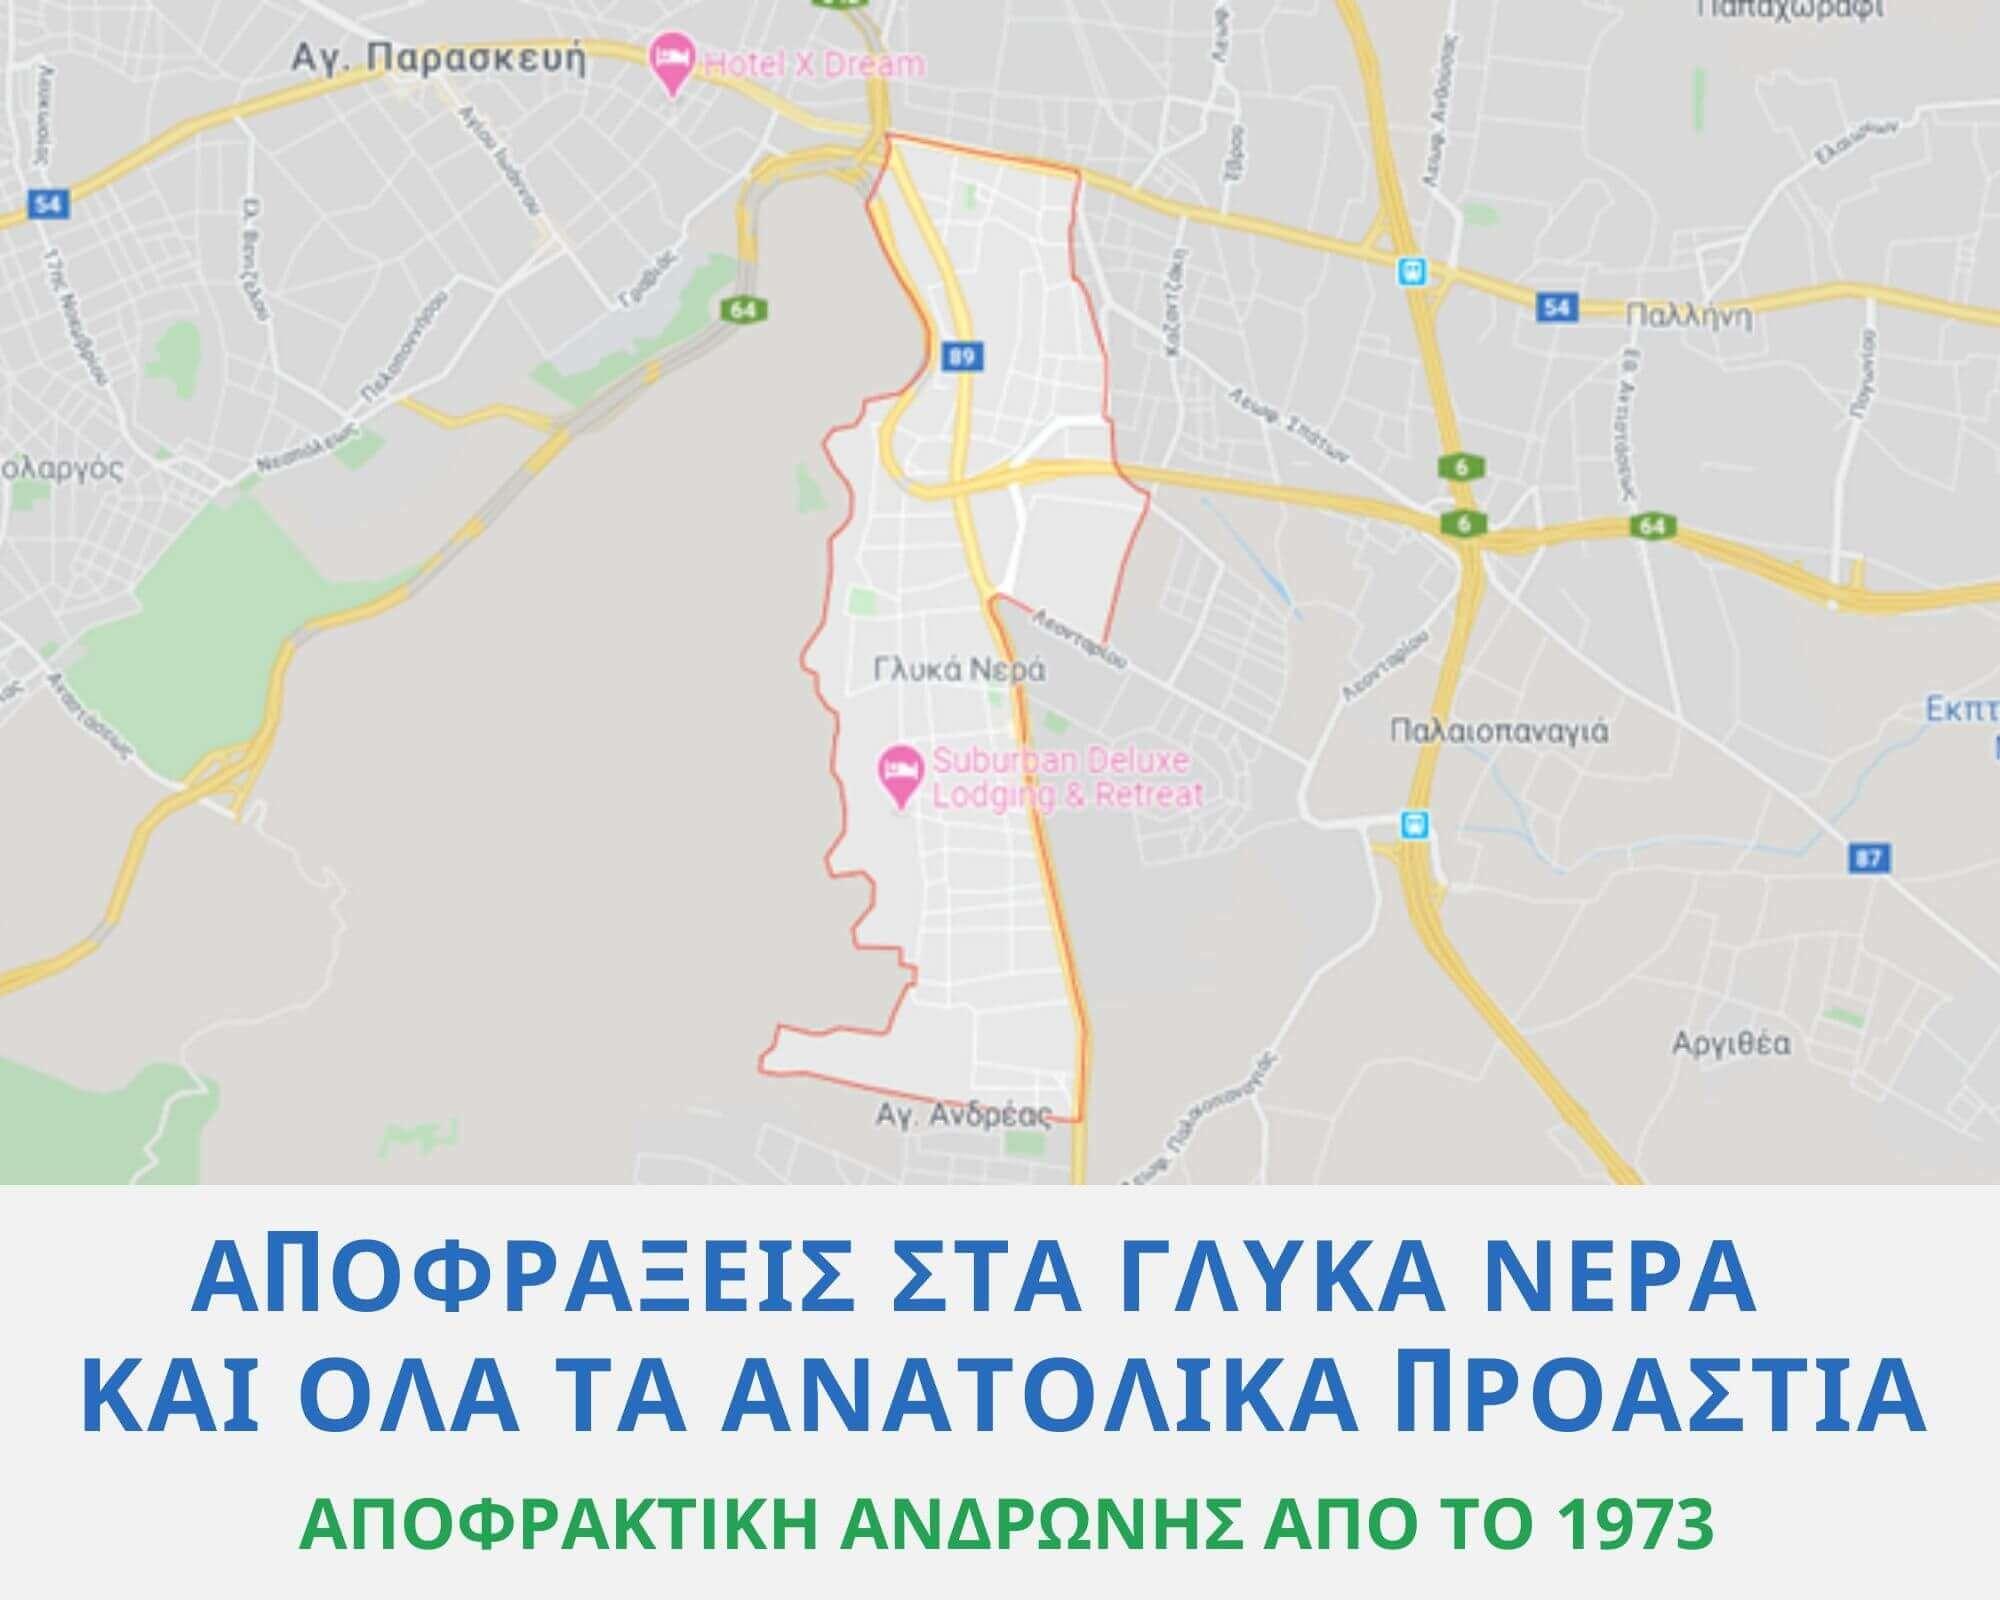 Apofra3eis Glyka Nera 213 02 50 818 Apofra3eis A8hna